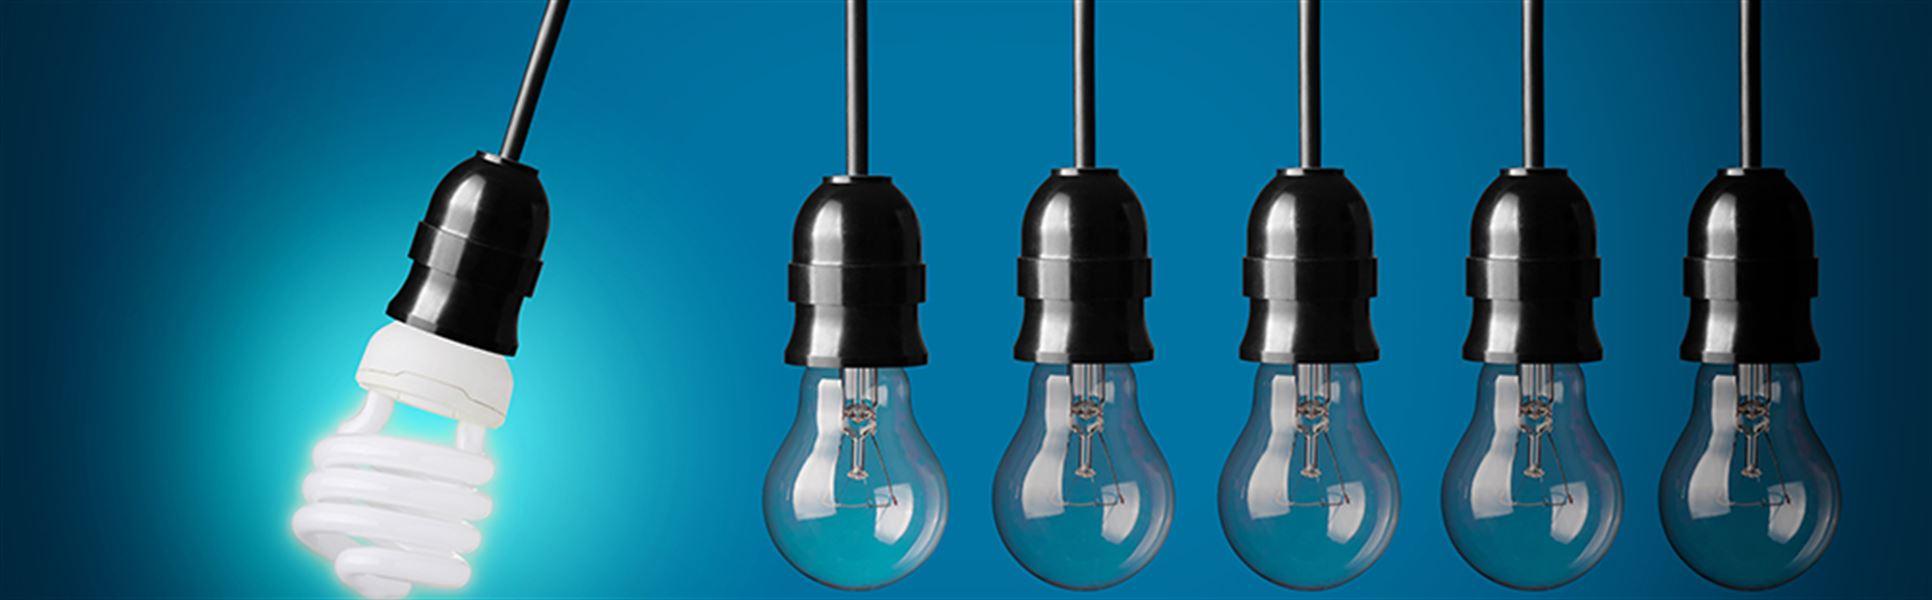 Glödlampa glödlampor energilampa